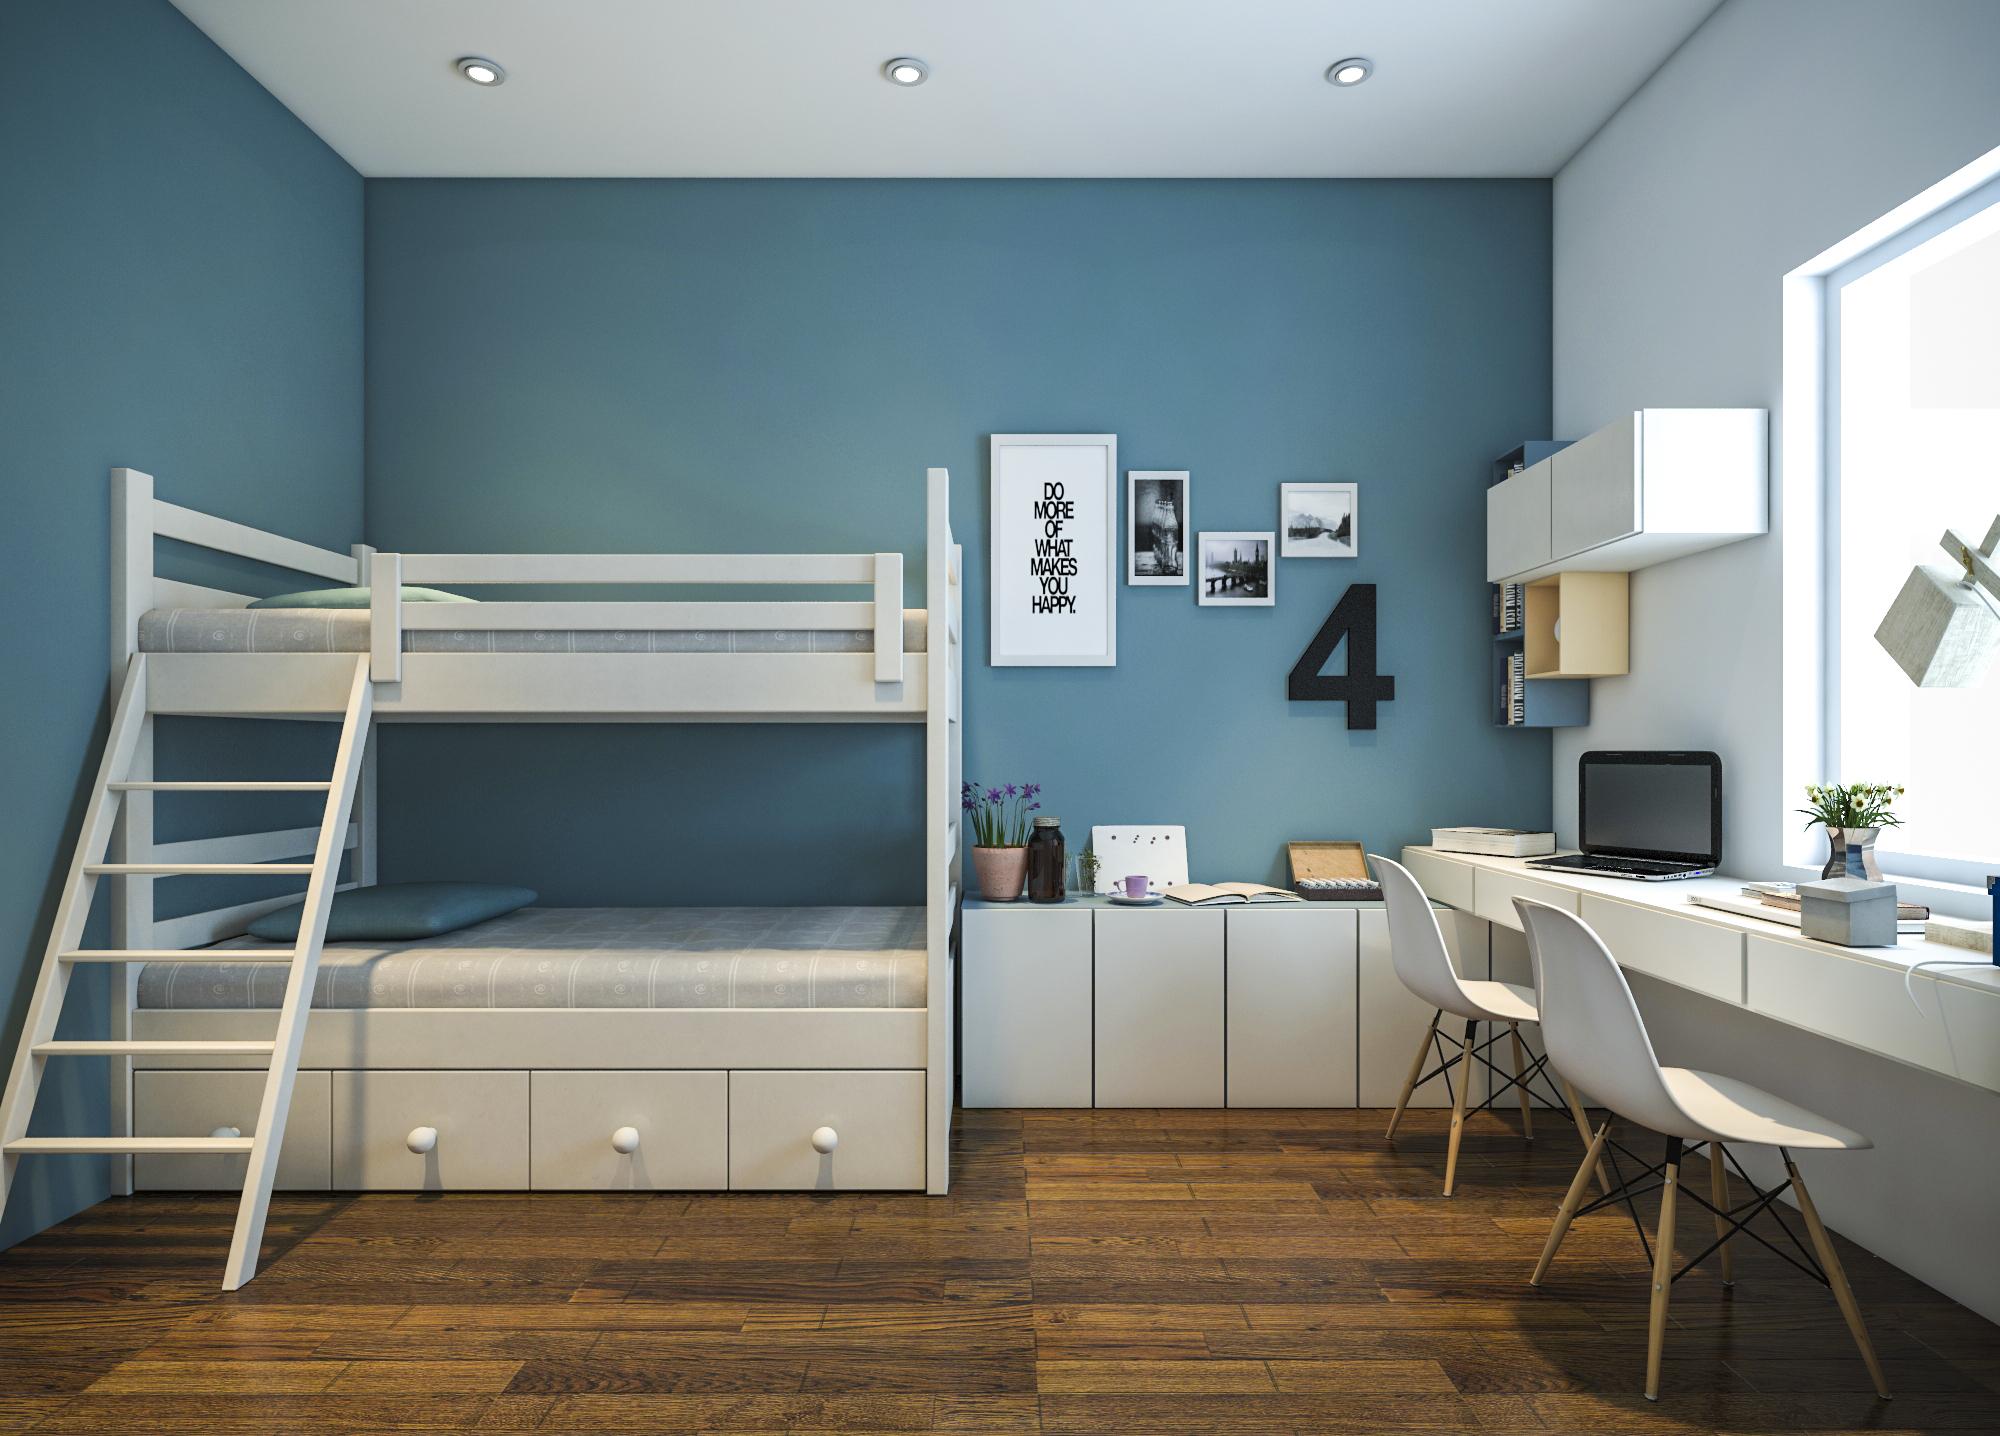 thiết kế nội thất chung cư tại Hồ Chí Minh Ms. Ly Apartment 18 1562574644